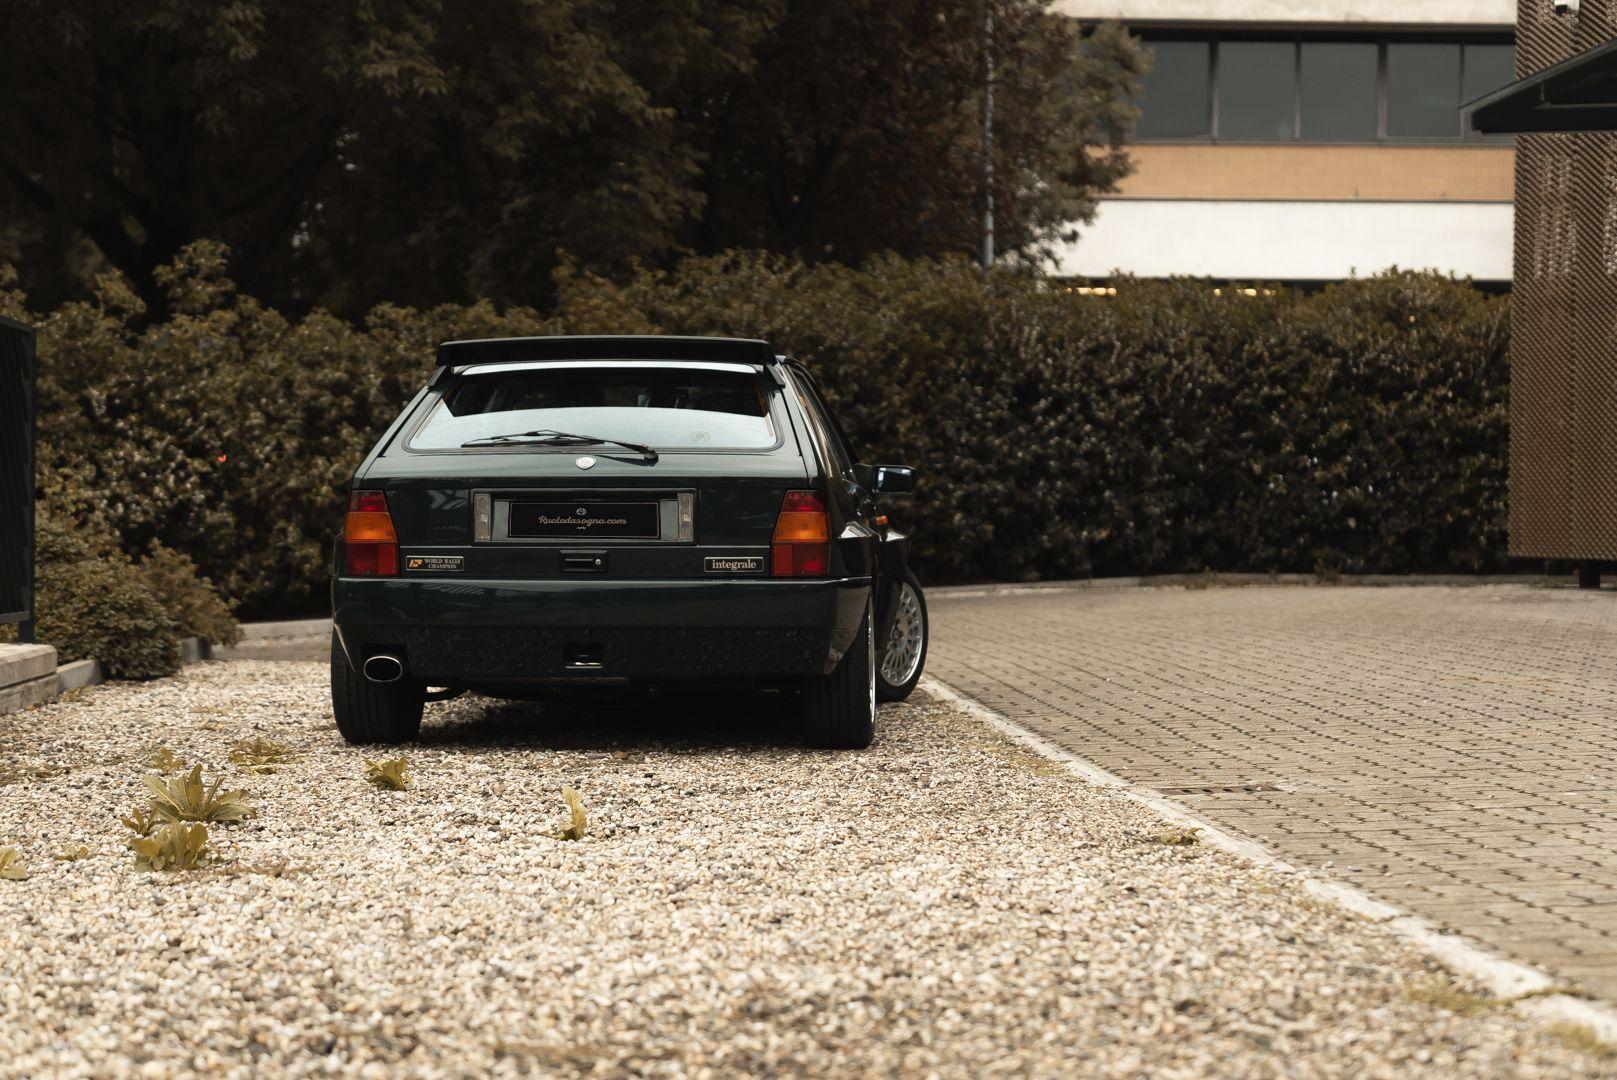 1992 Lancia Delta HF Integrale 16V Evo 1 - 79/250 84845